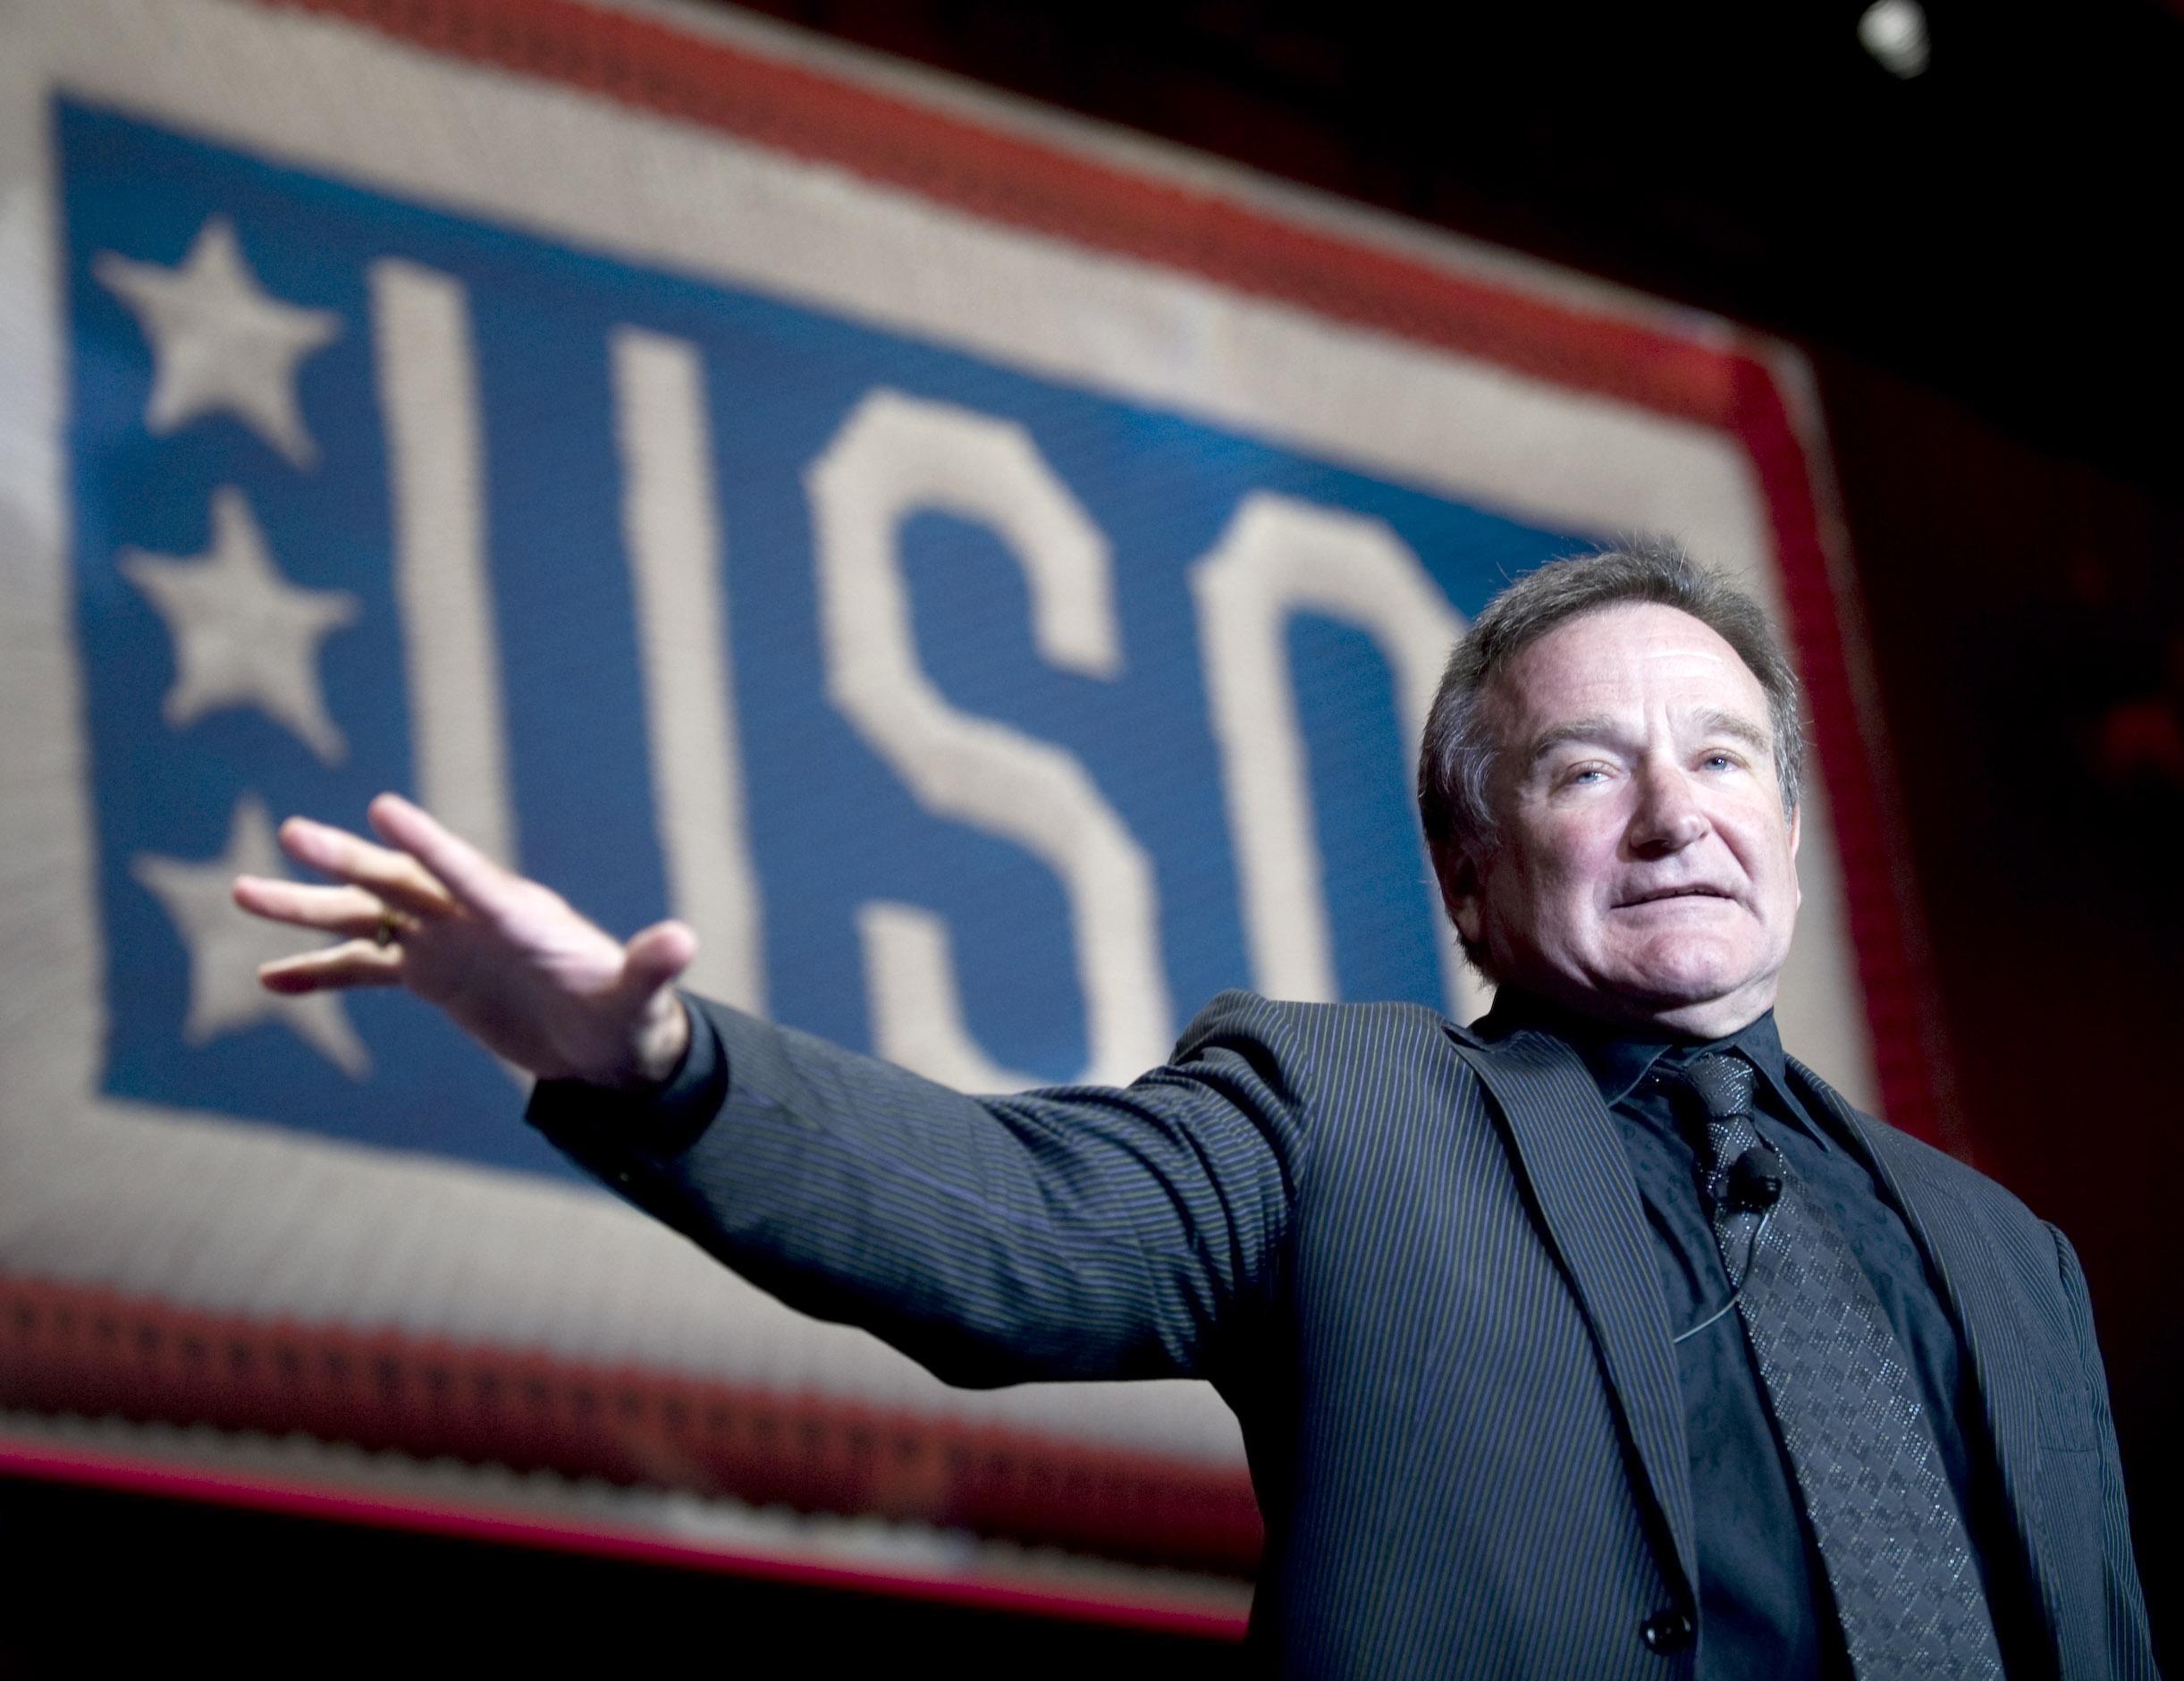 Tíz százalékkal ugrott meg az öngyilkosságok száma Robin Williams halála utáni hónapokban